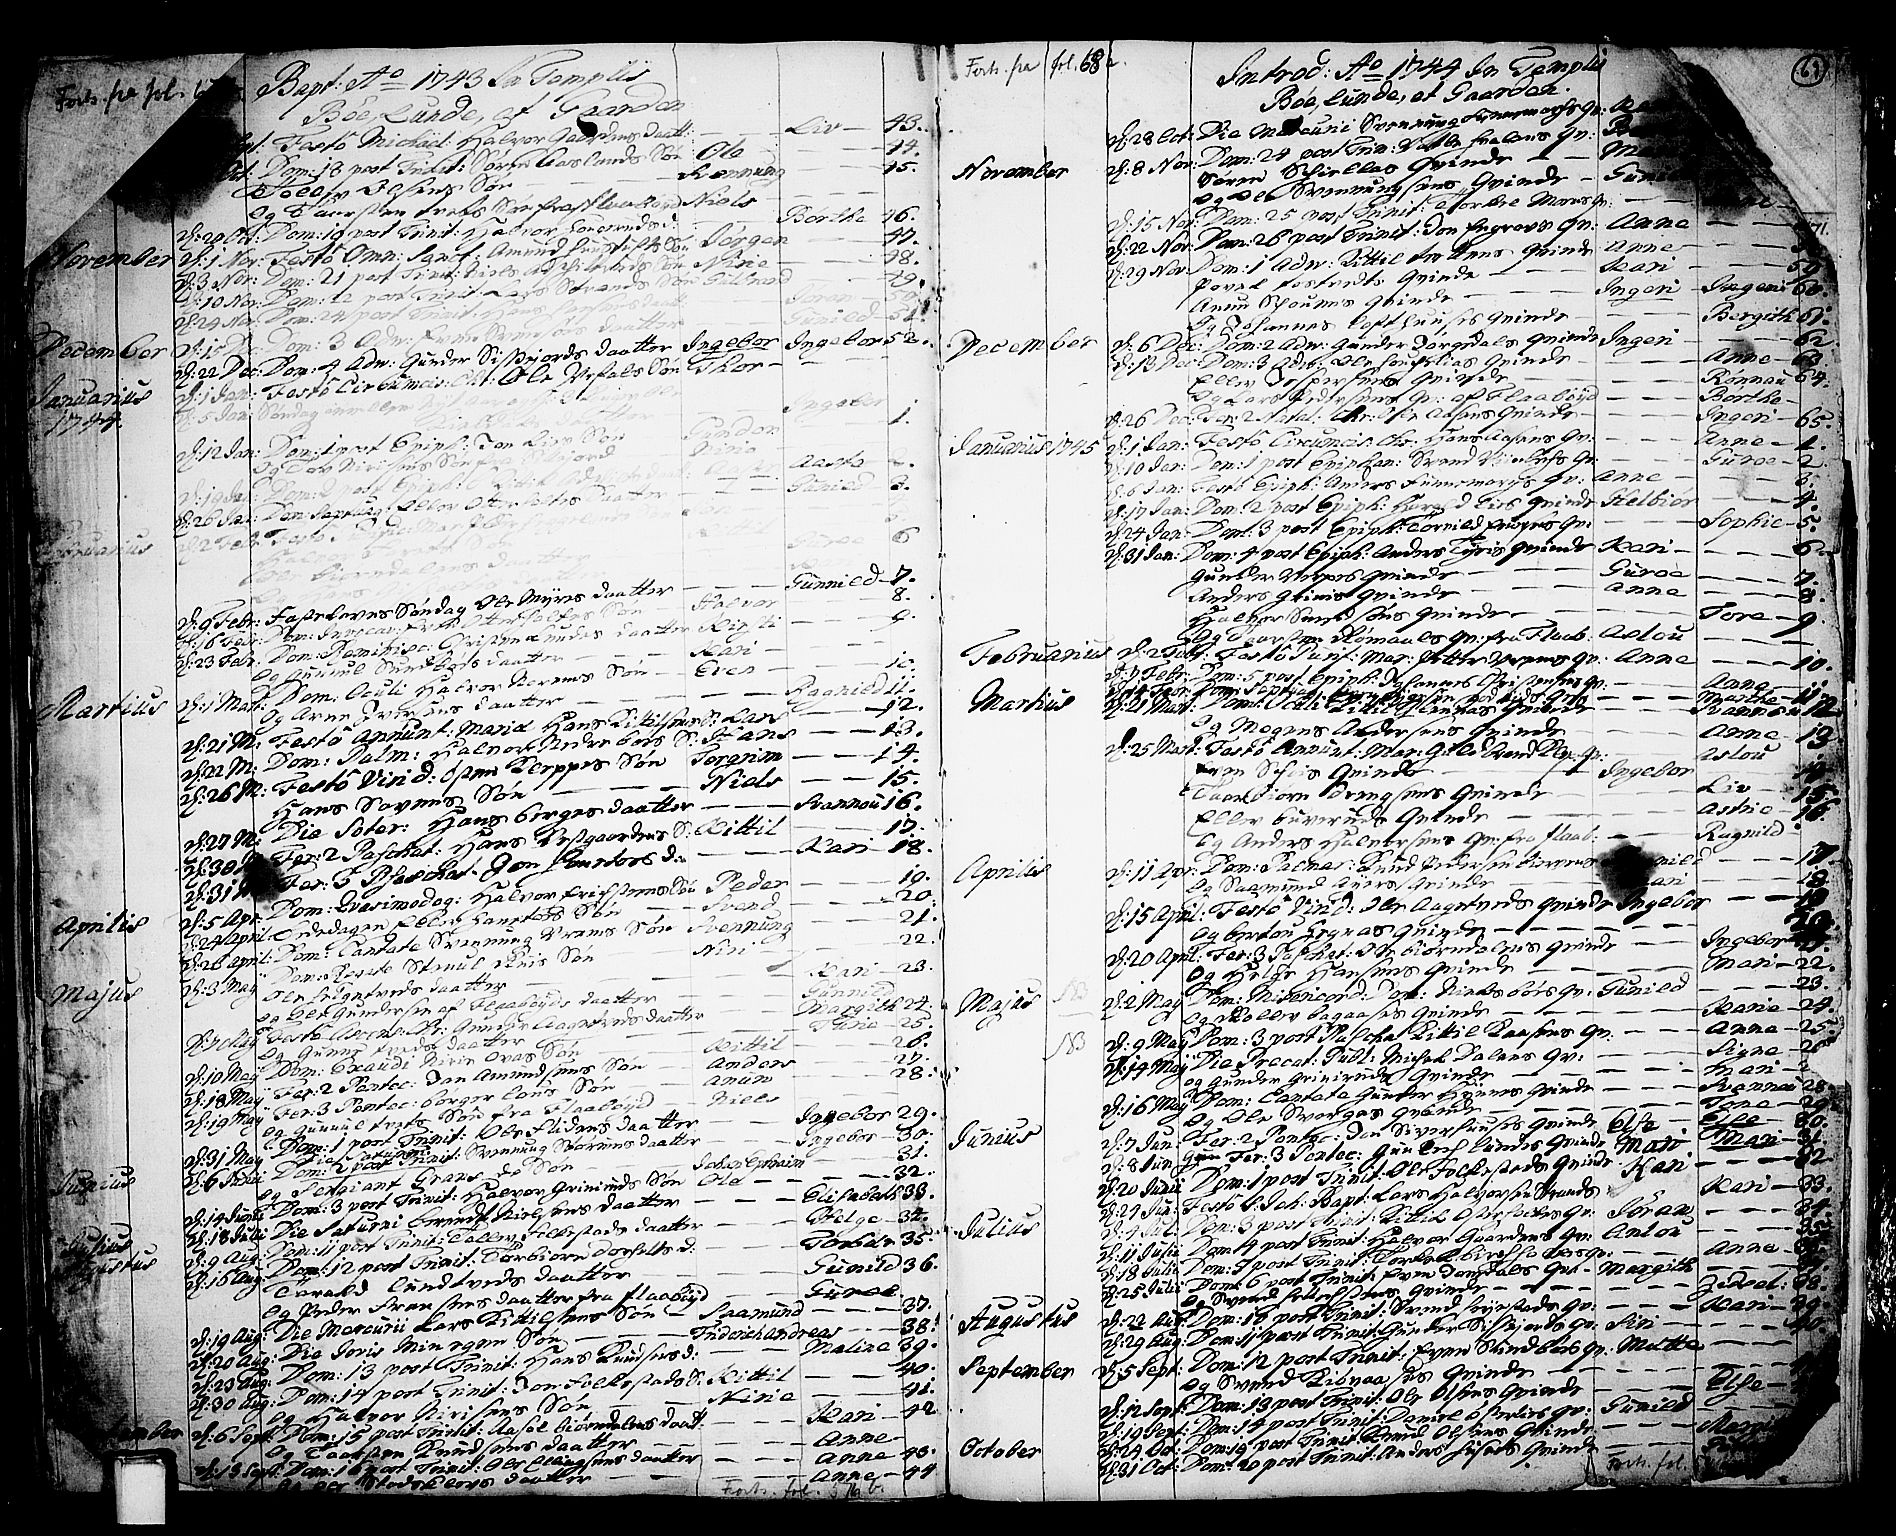 SAKO, Bø kirkebøker, F/Fa/L0003: Ministerialbok nr. 3, 1733-1748, s. 69